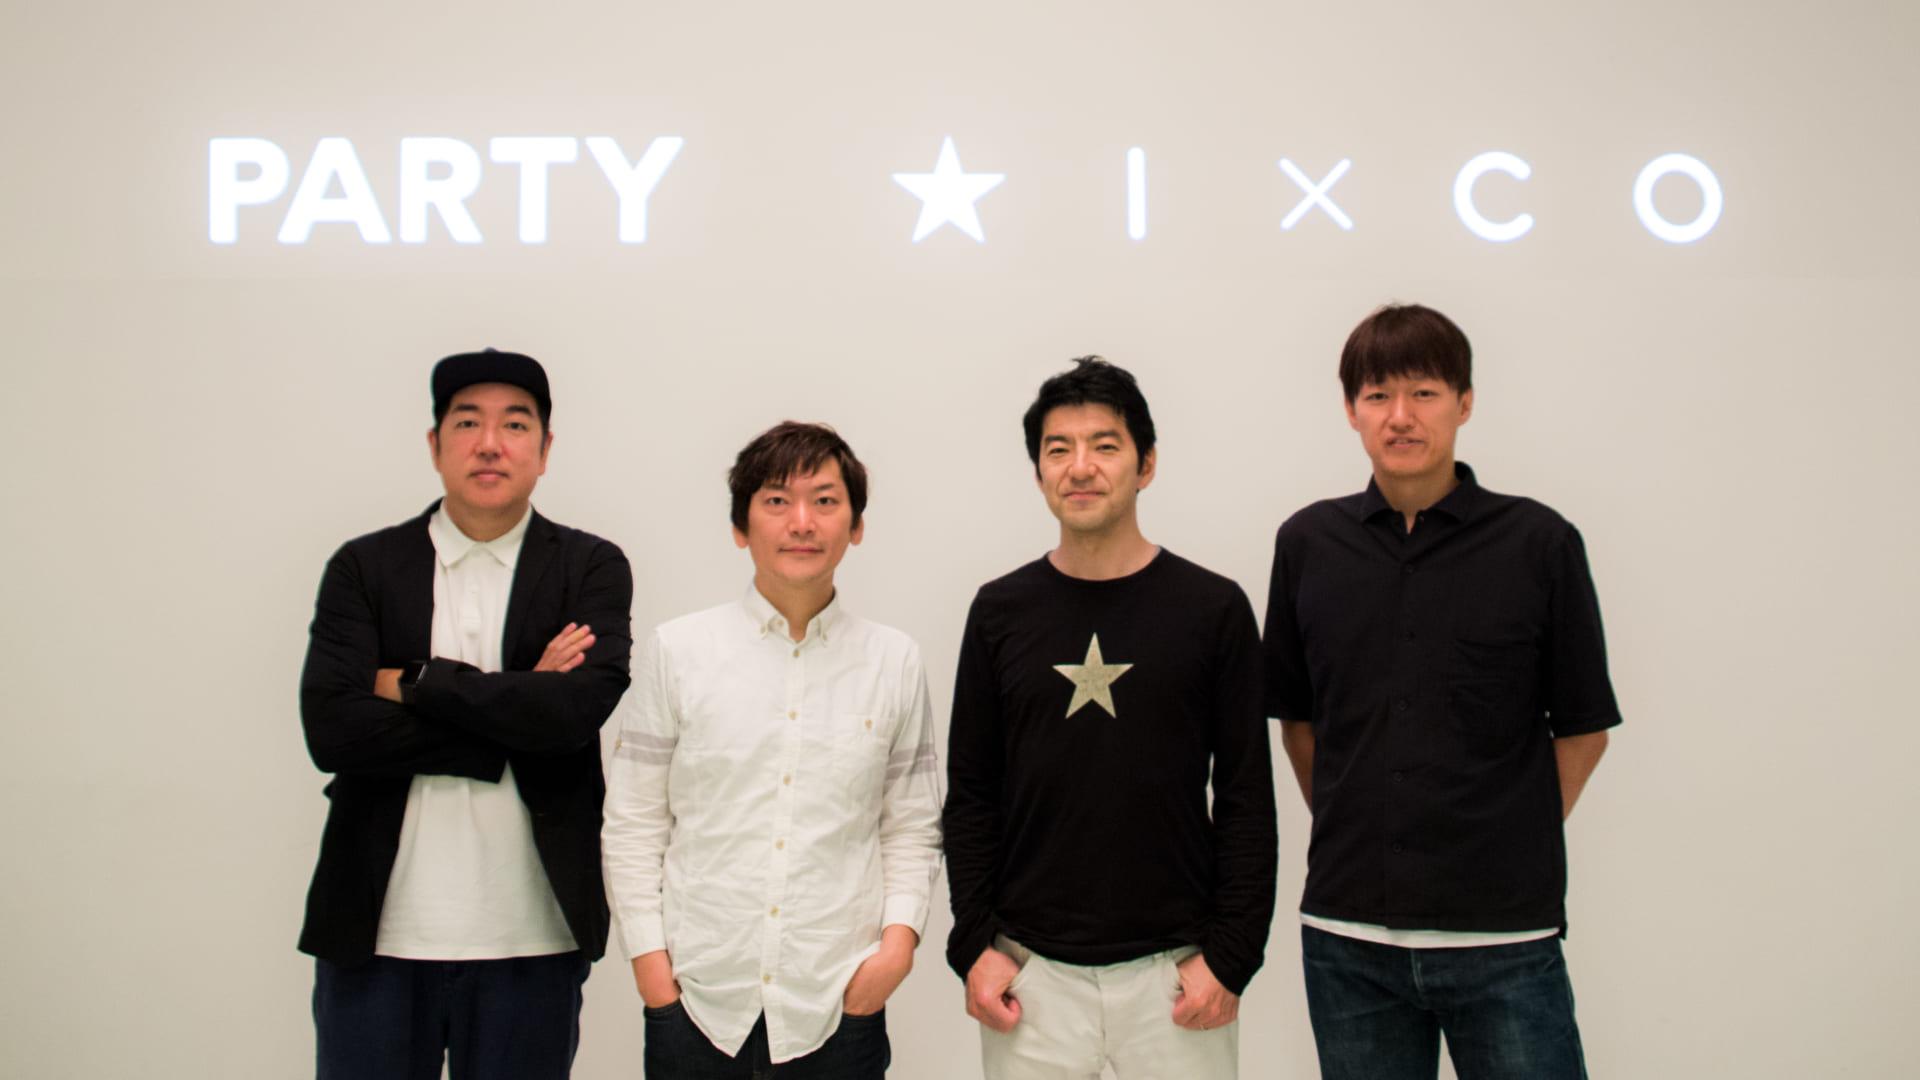 クリエイティブクラウドPARTYとビジネス・インベンション・ファーム「IxCO Tokyo」 相互に協力関係を築く ...